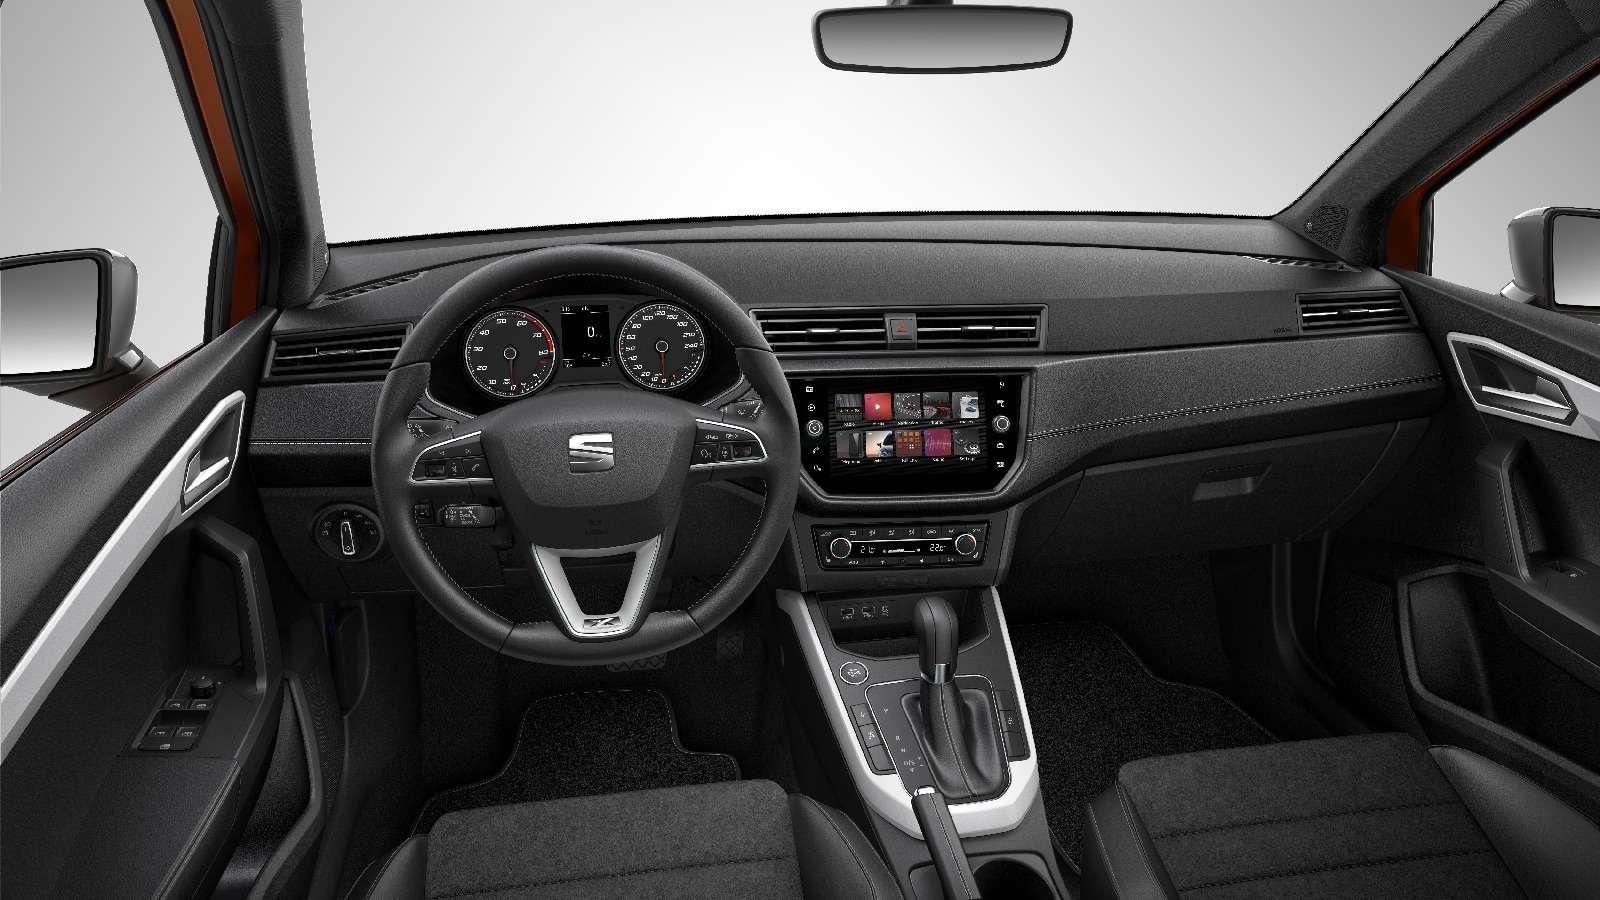 Новый кроссовер Seat— недлянас. ВРоссии будут «дубли» отШкоды и/или Фольксвагена— фото 768812